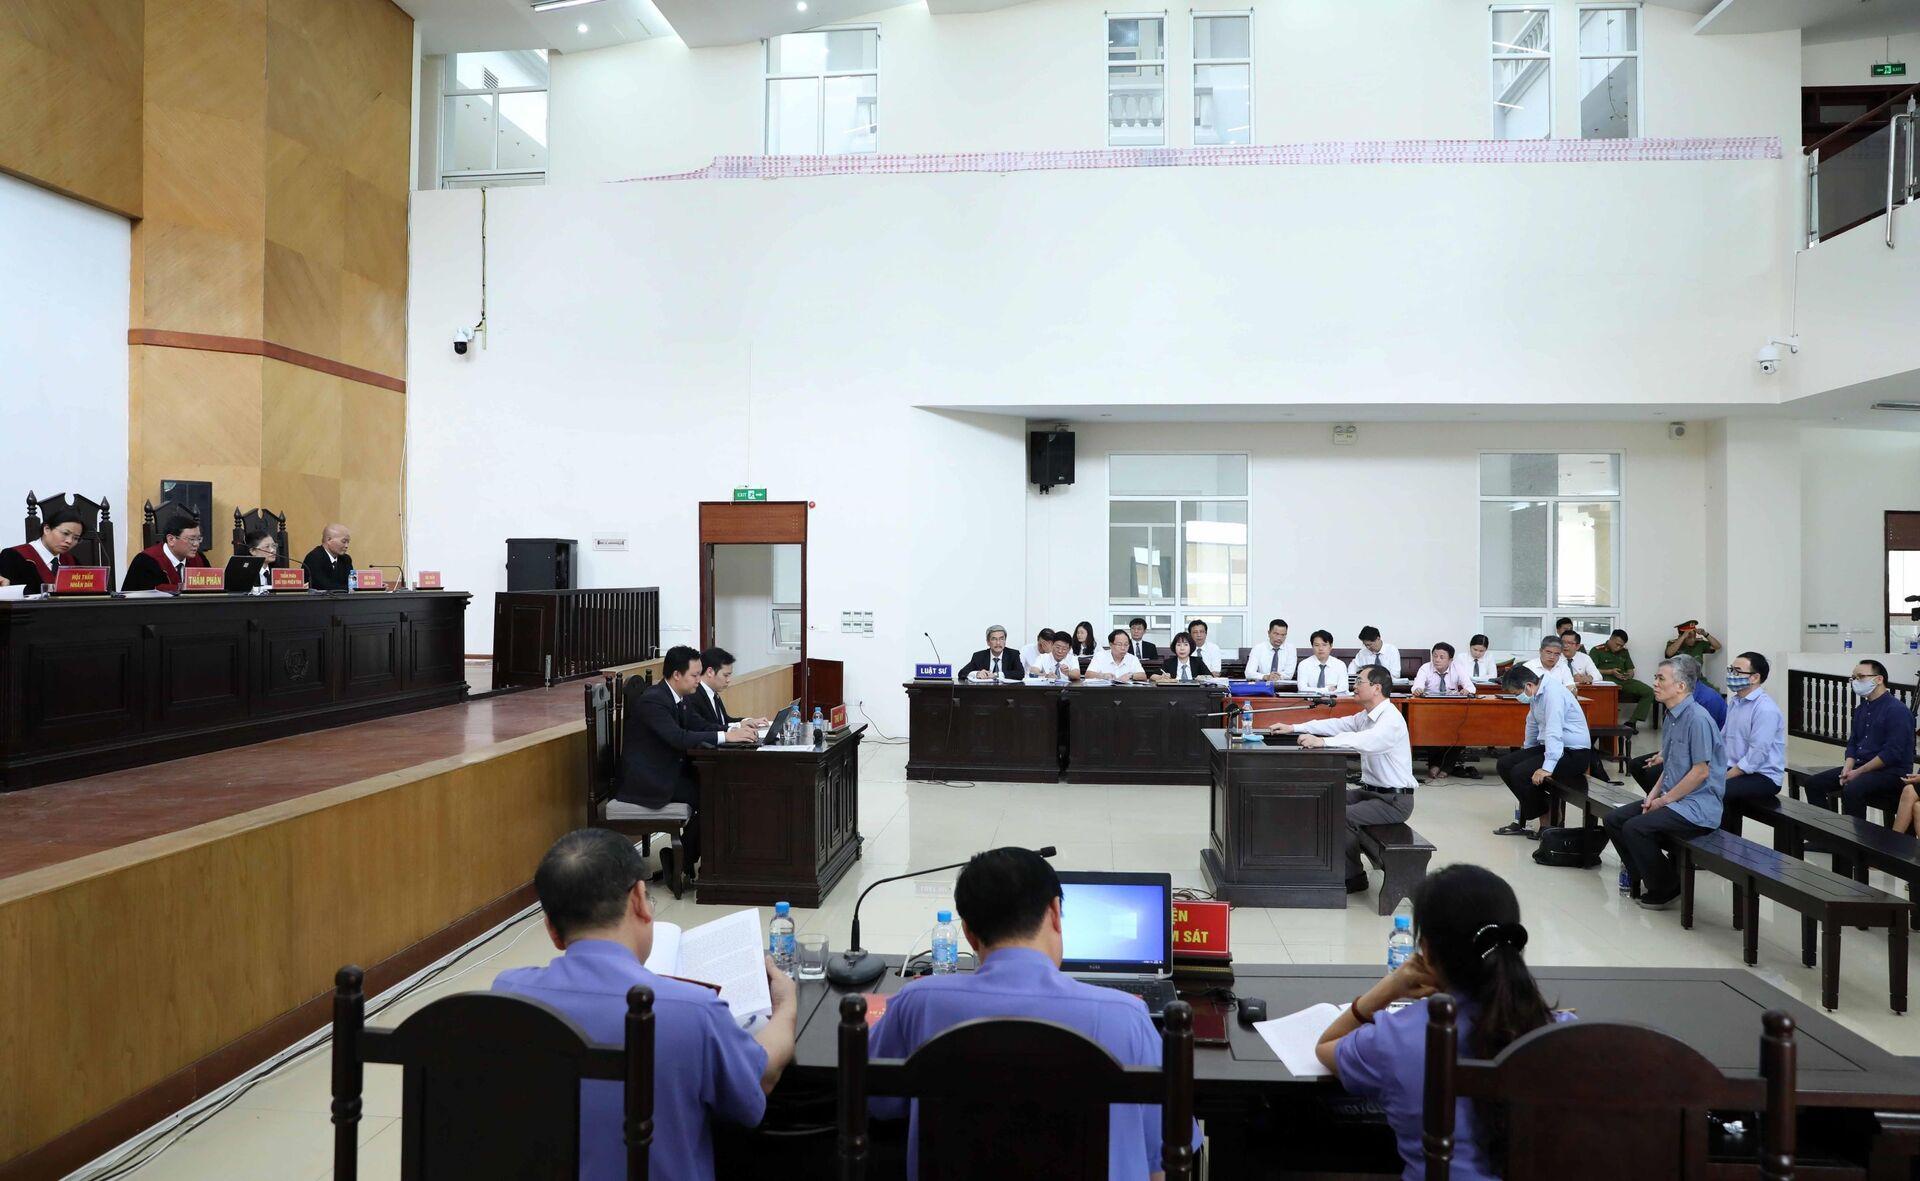 Tình tiết bất ngờ trong phiên xử cựu Bộ trưởng Bộ Công Thương Vũ Huy Hoàng - Sputnik Việt Nam, 1920, 23.04.2021